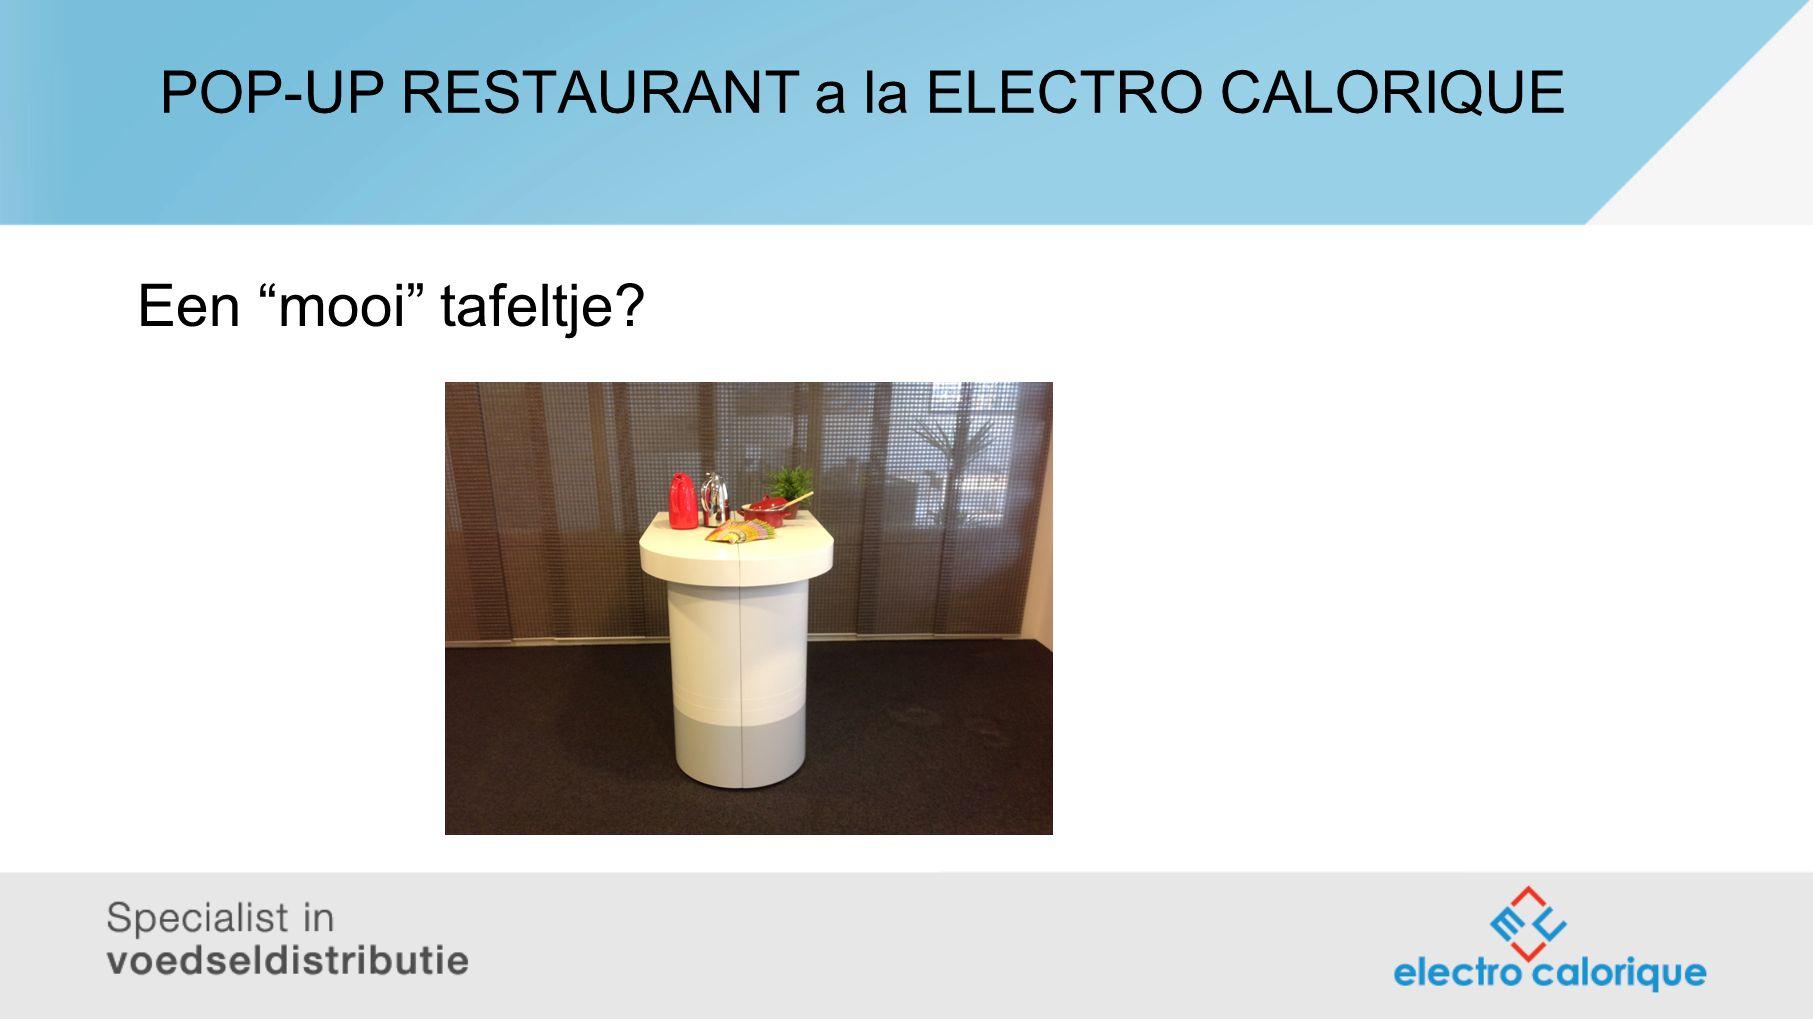 POP-UP RESTAURANT a la ELECTRO CALORIQUE Een mooi tafeltje?